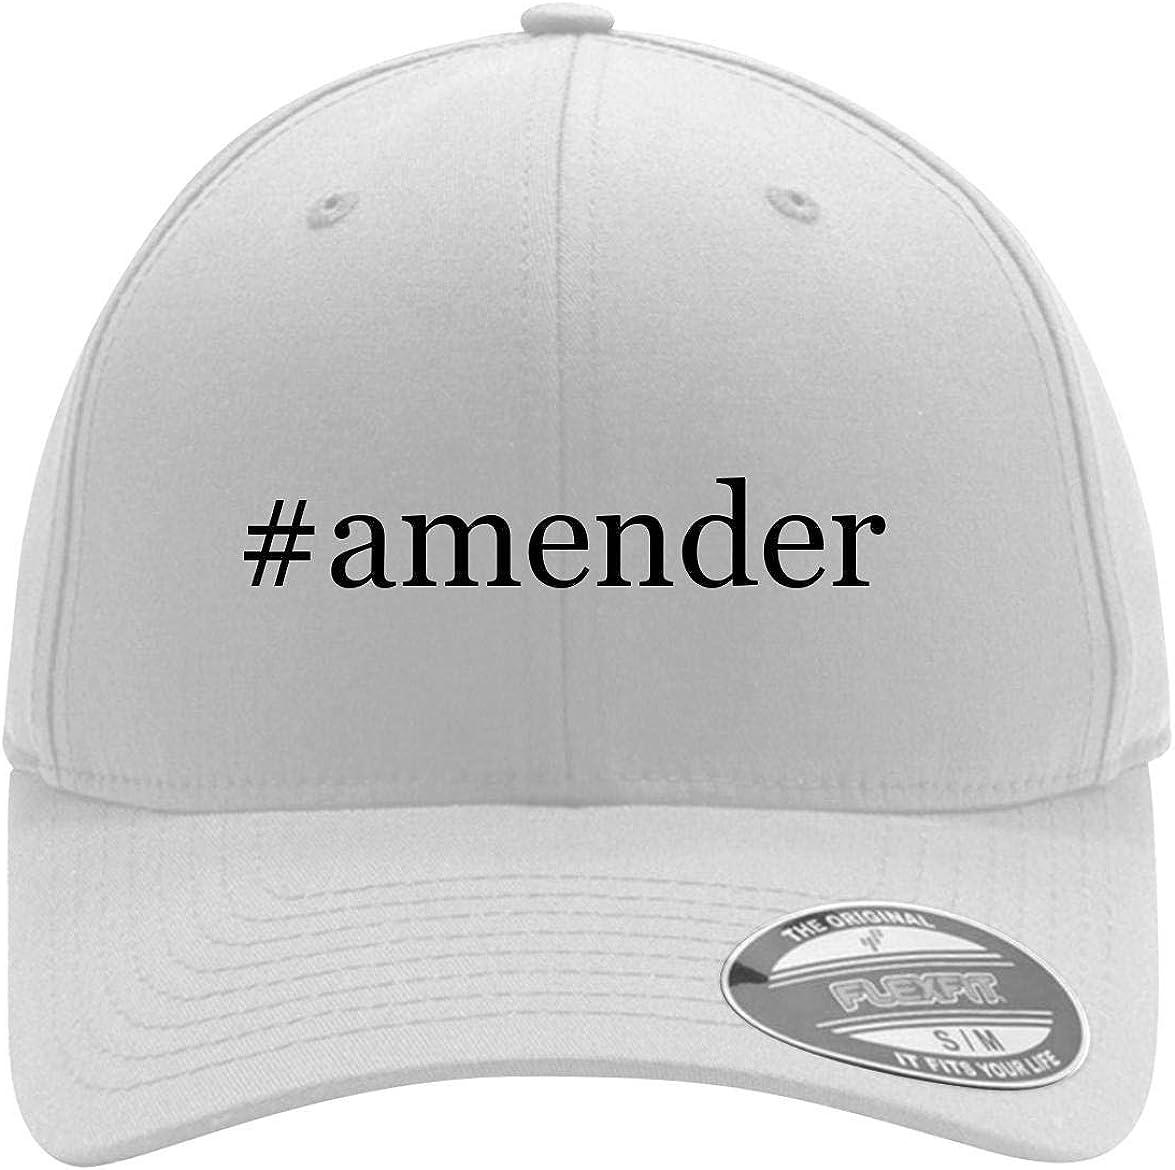 #amender - Adult Men's Hashtag Flexfit Baseball Hat Cap 61T3gaKSocL